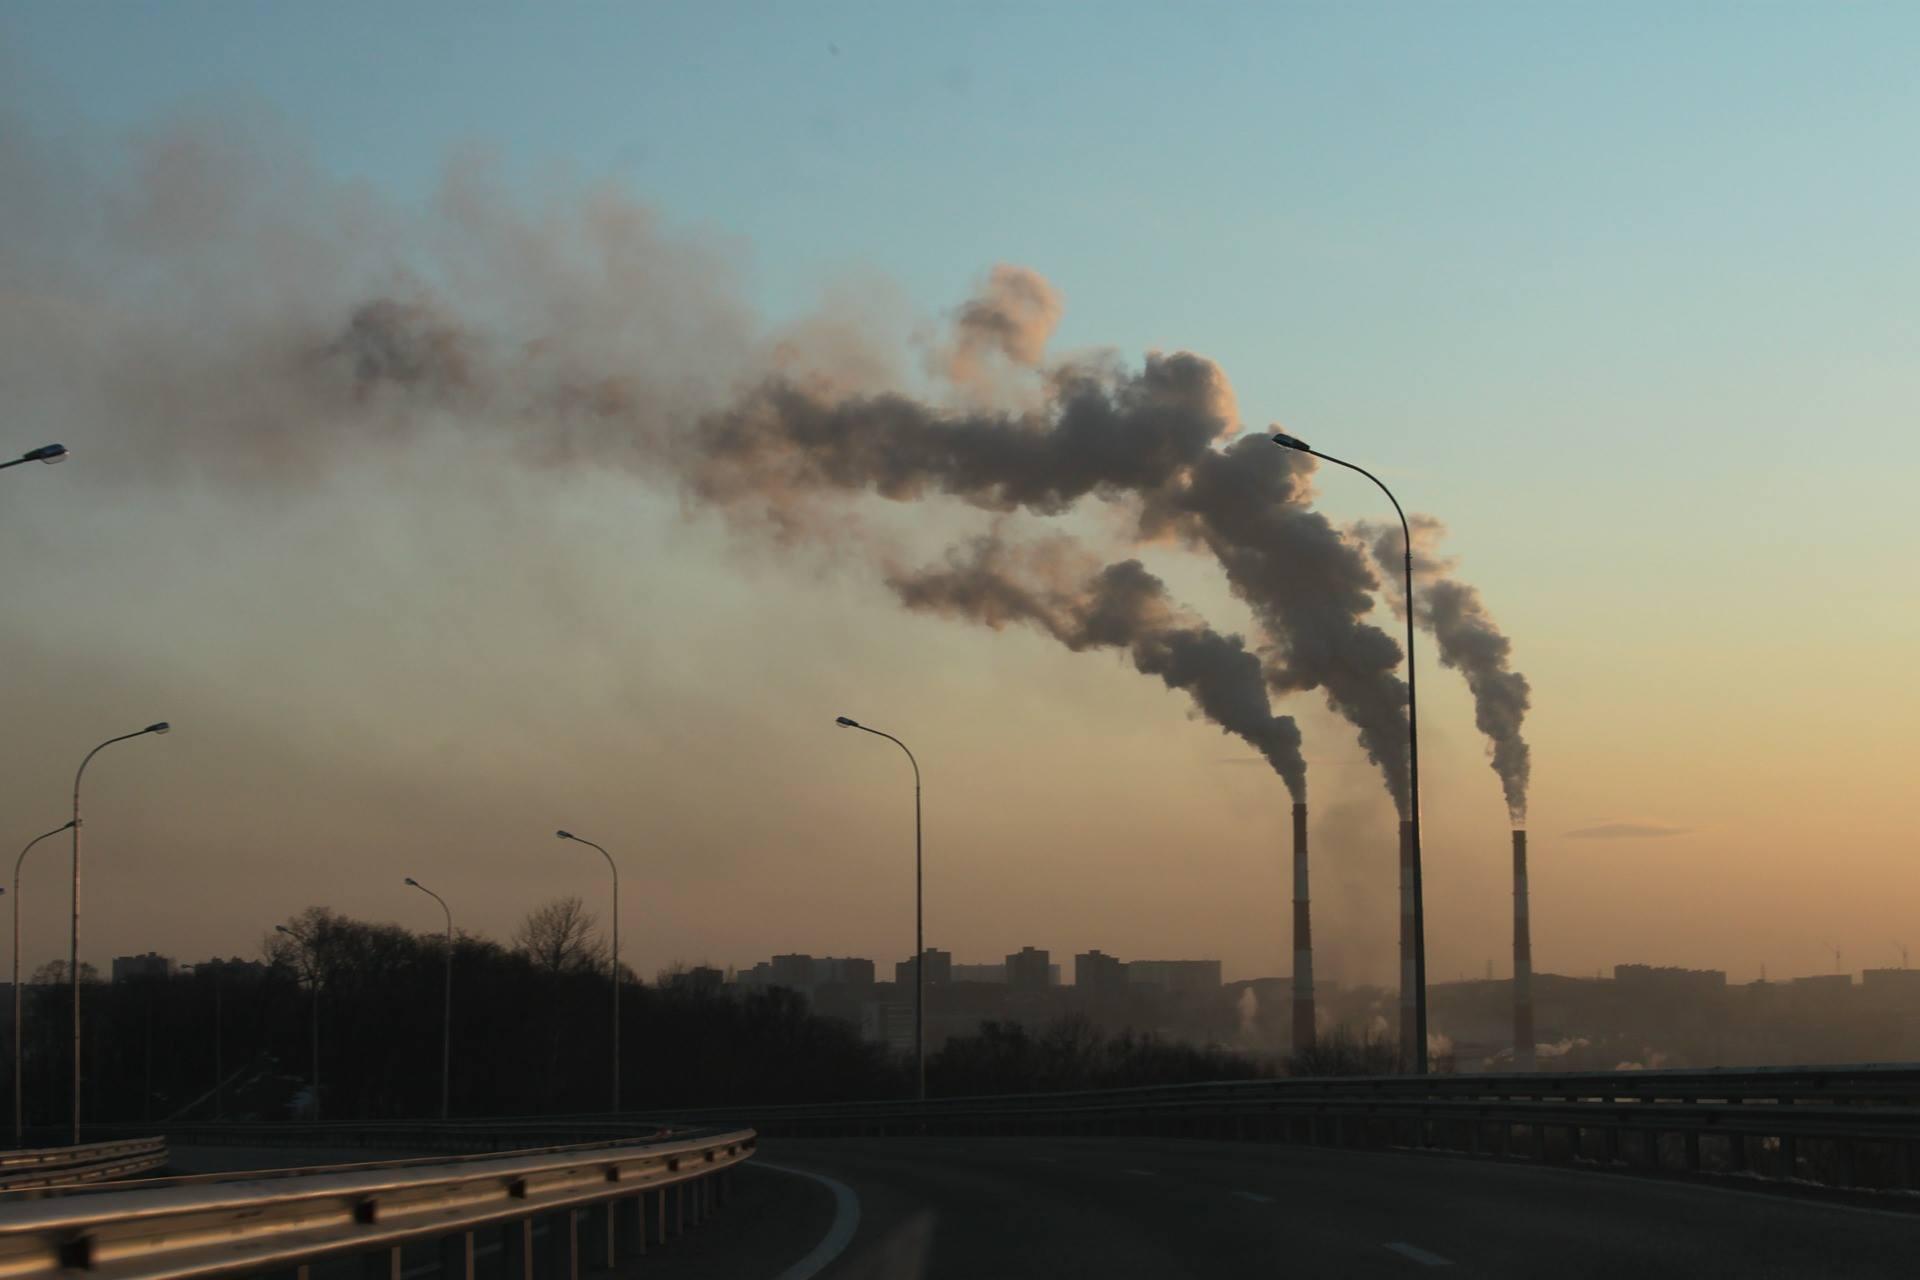 Um estudo divulgado pela ONU Meio Ambiente afirma que o acordo de Paris está em risco